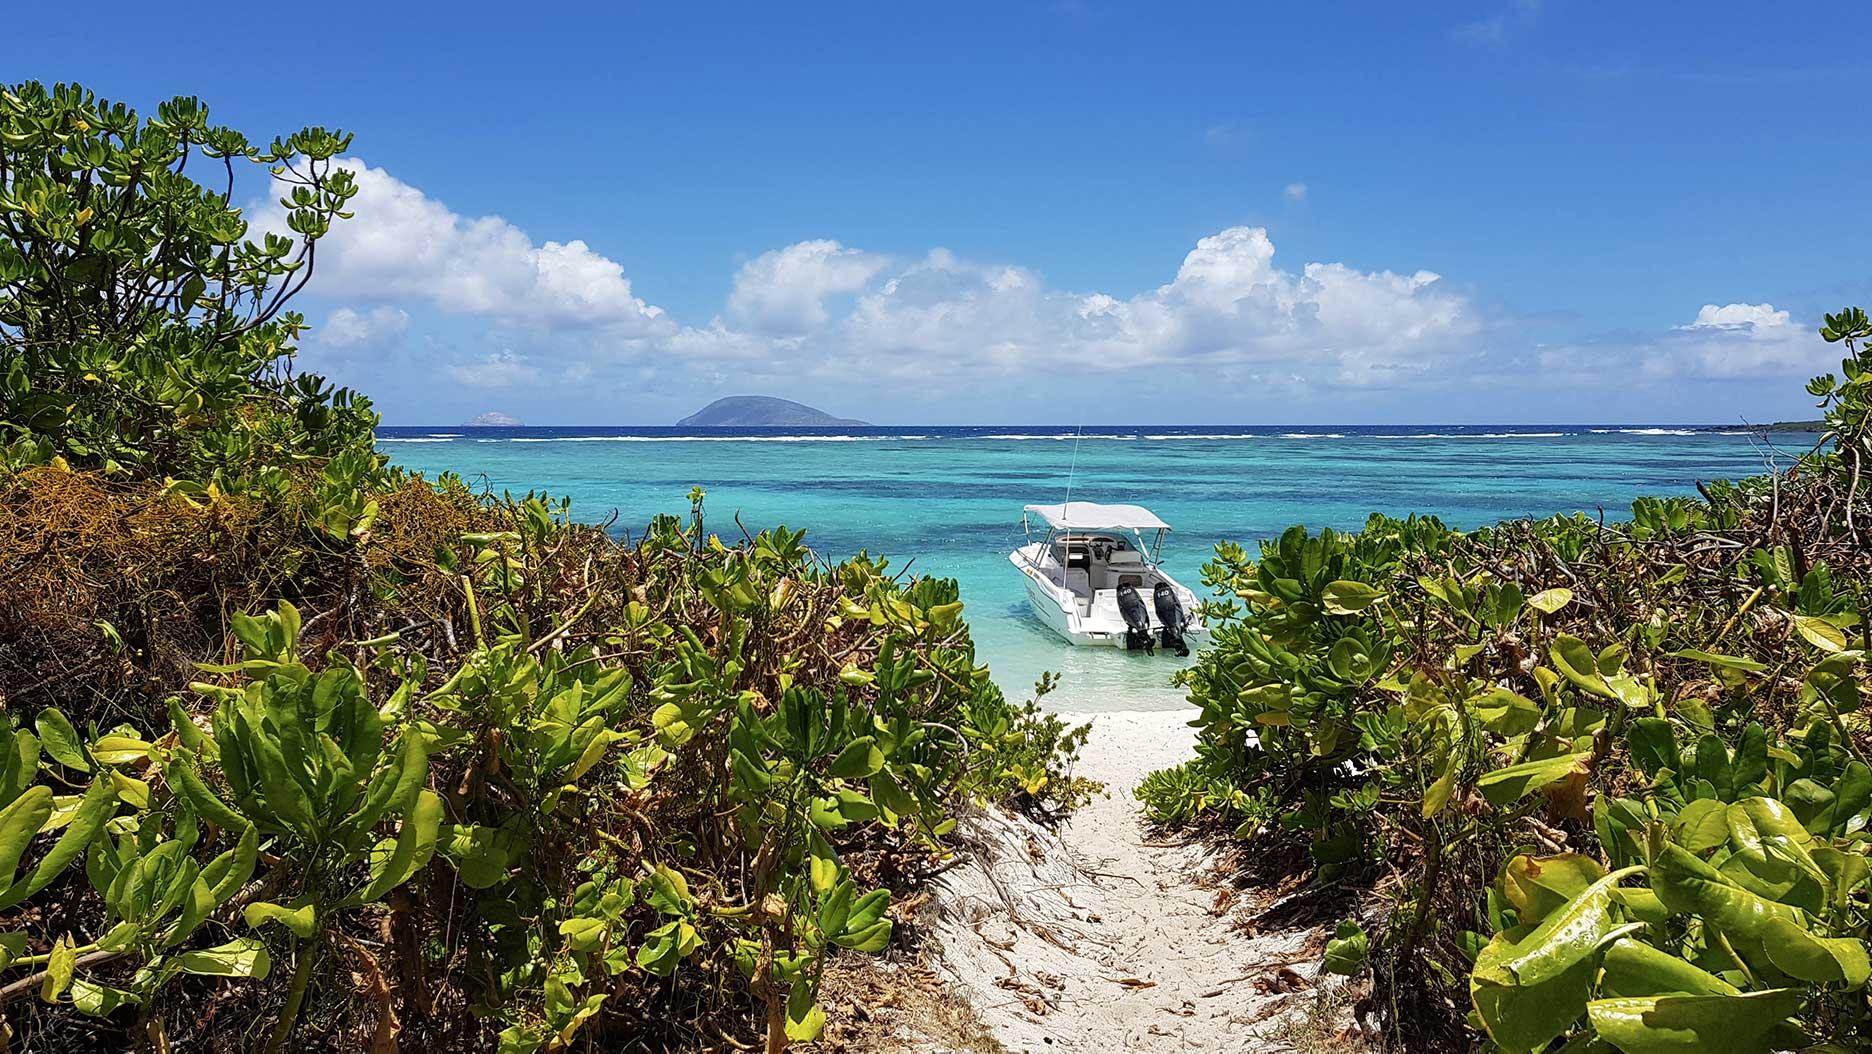 bateau dans l'eau à l'ile plate de l'ile maurice